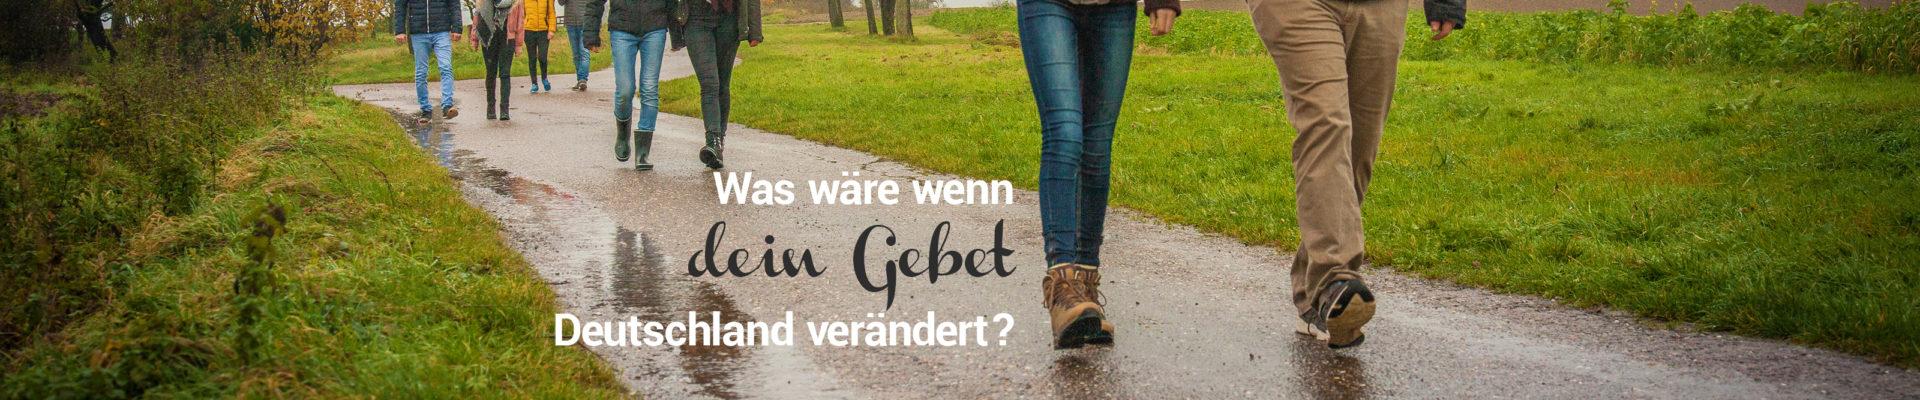 Was wäre, wenn Dein Gebet Deutschland verändert?